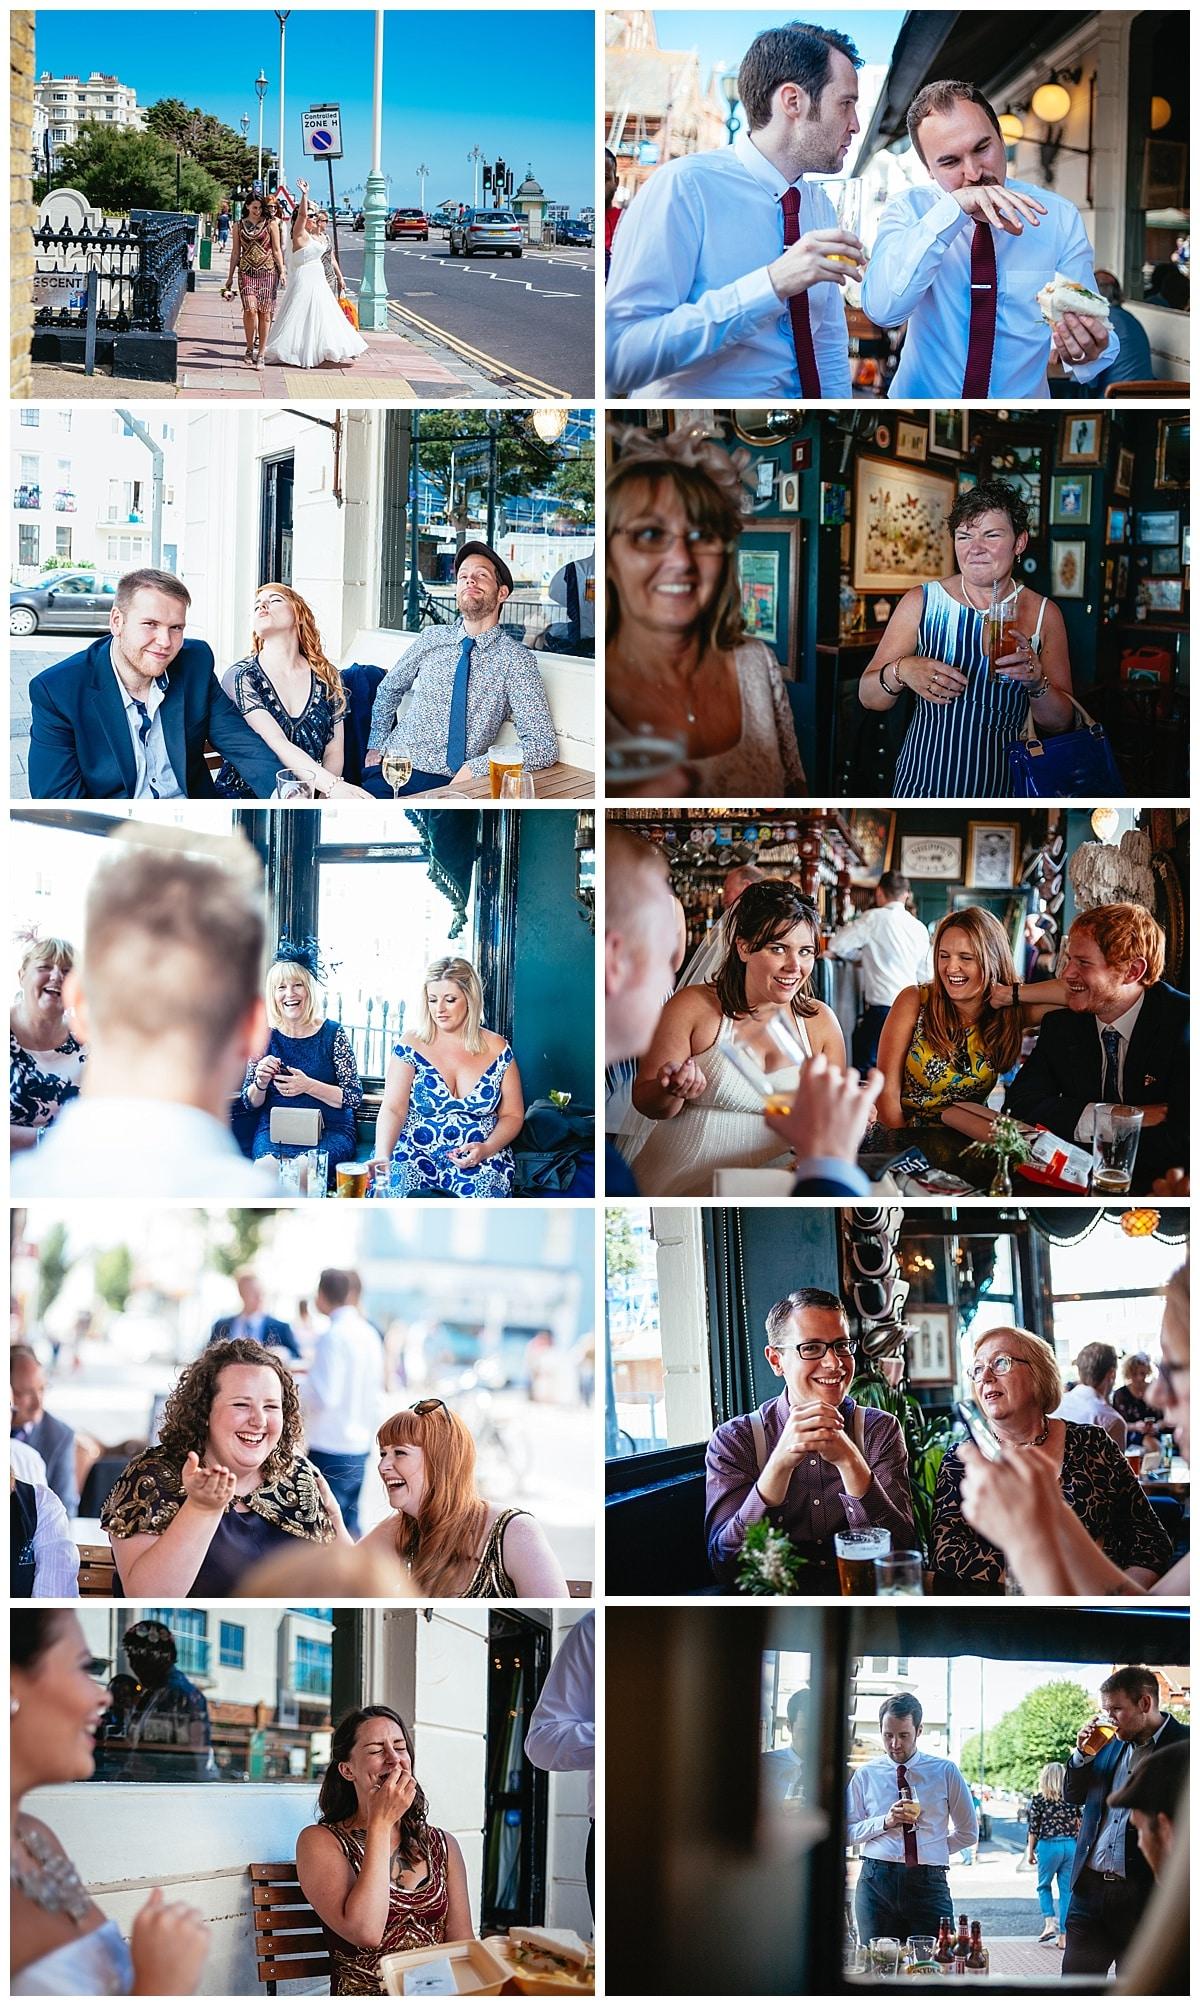 Allie Jordan alternative wedding photography - allie & jordan - proud